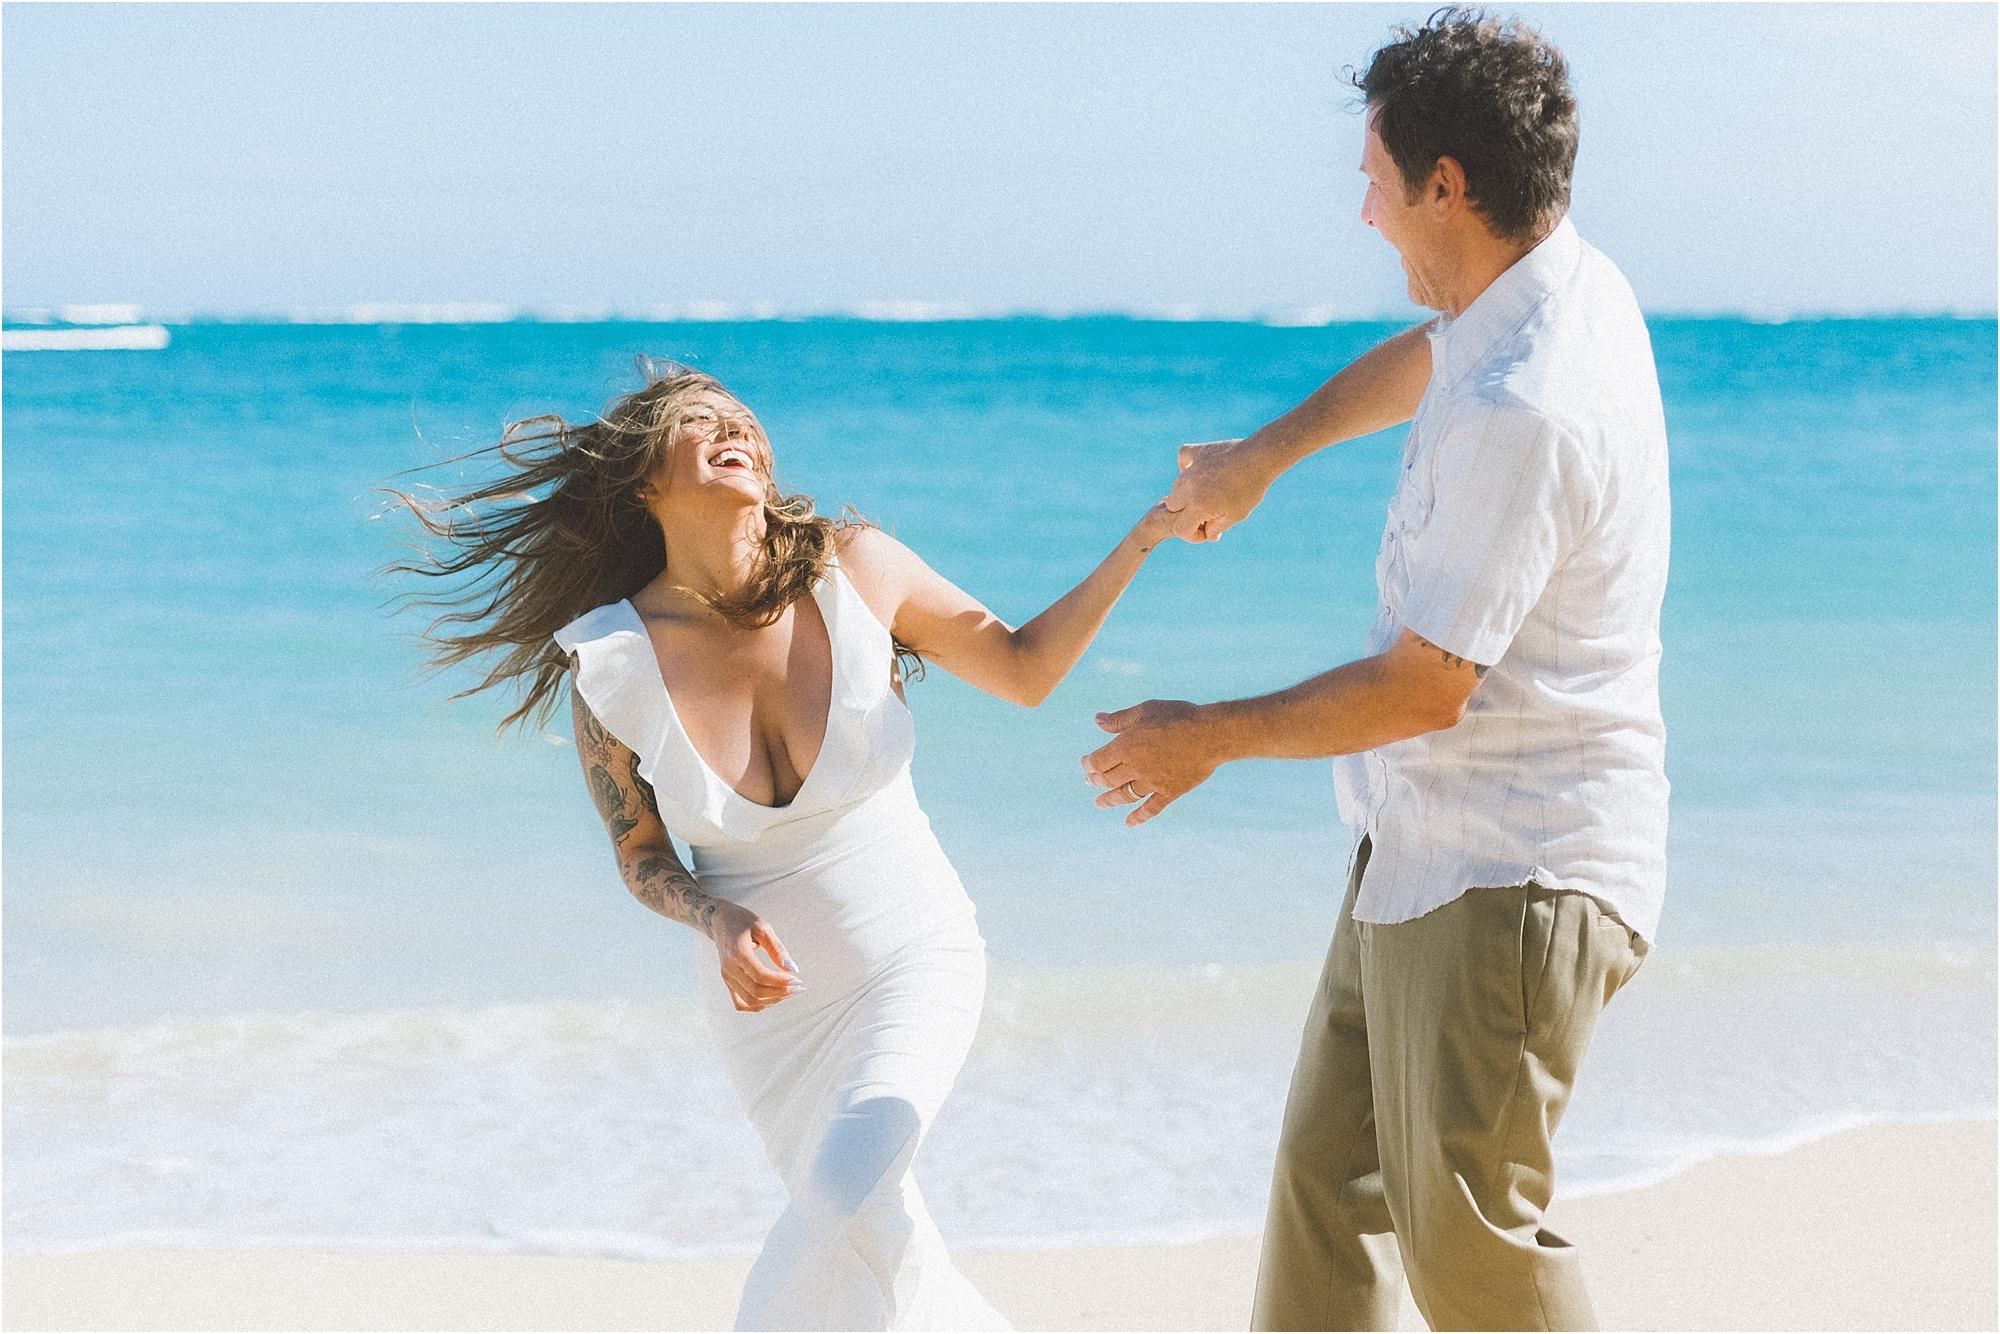 angie-diaz-photography-maui-honeymoon-photographer_0012.jpg